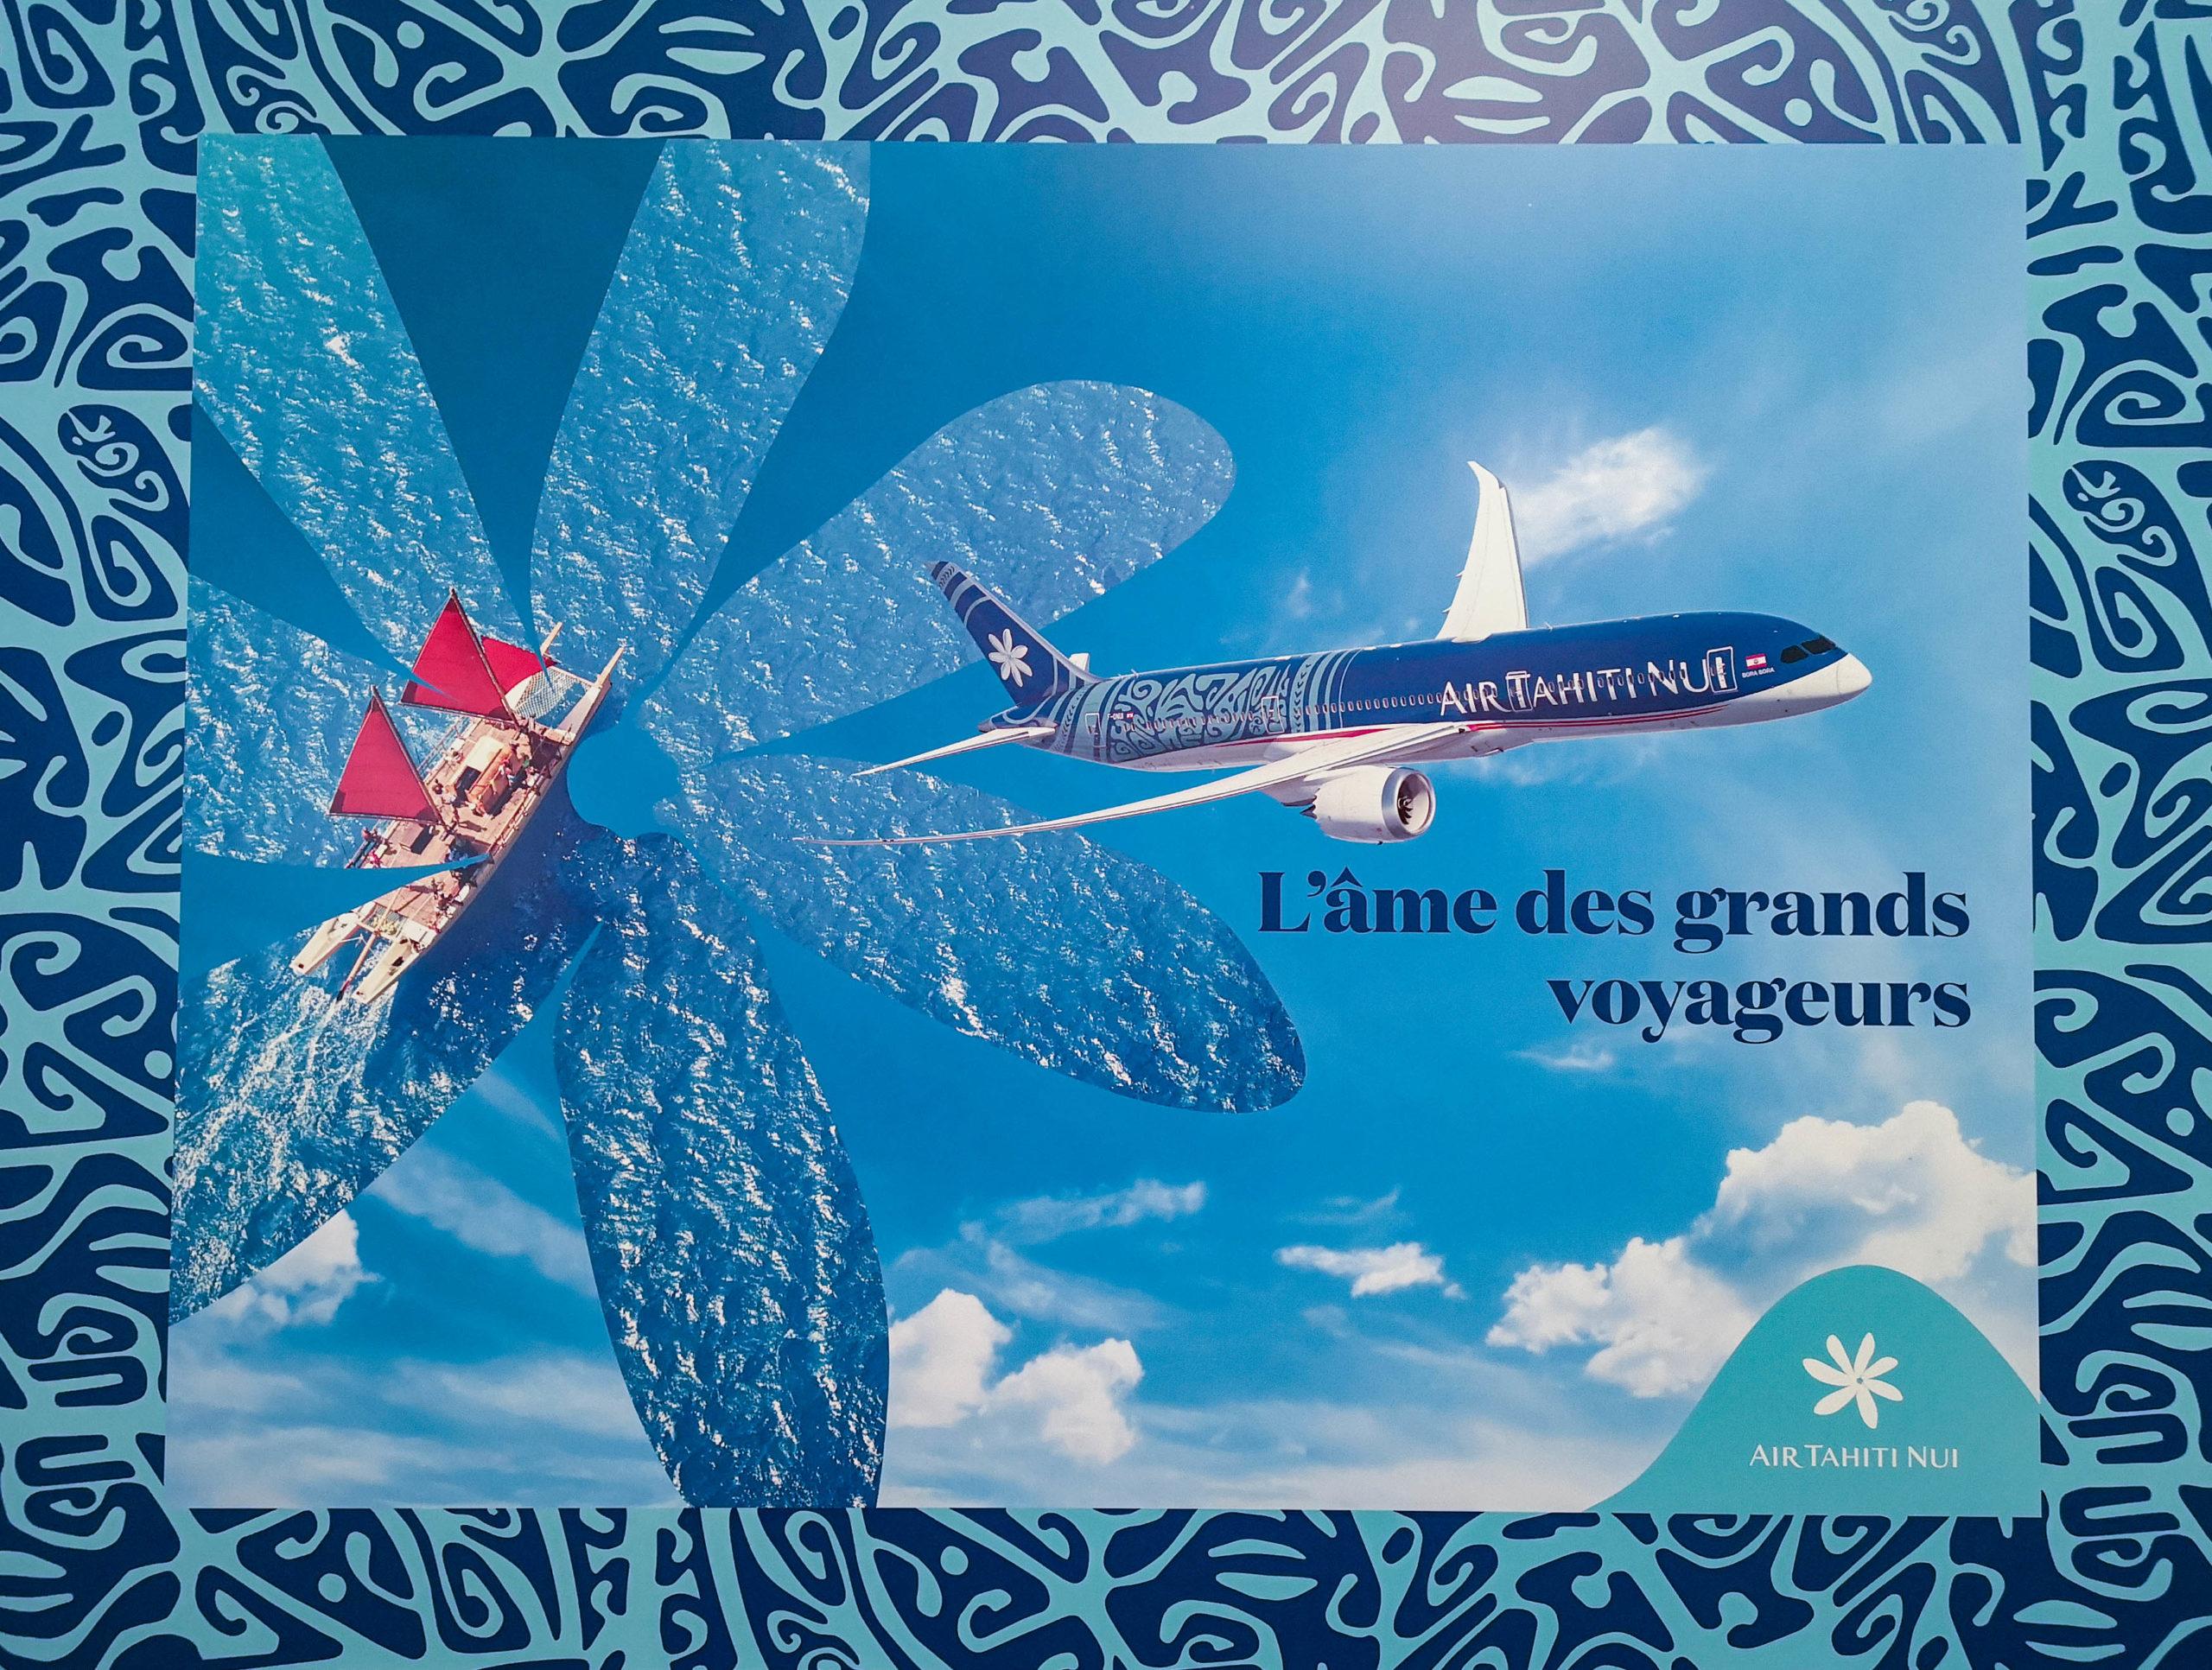 Rencontre avec Air Tahiti Nui